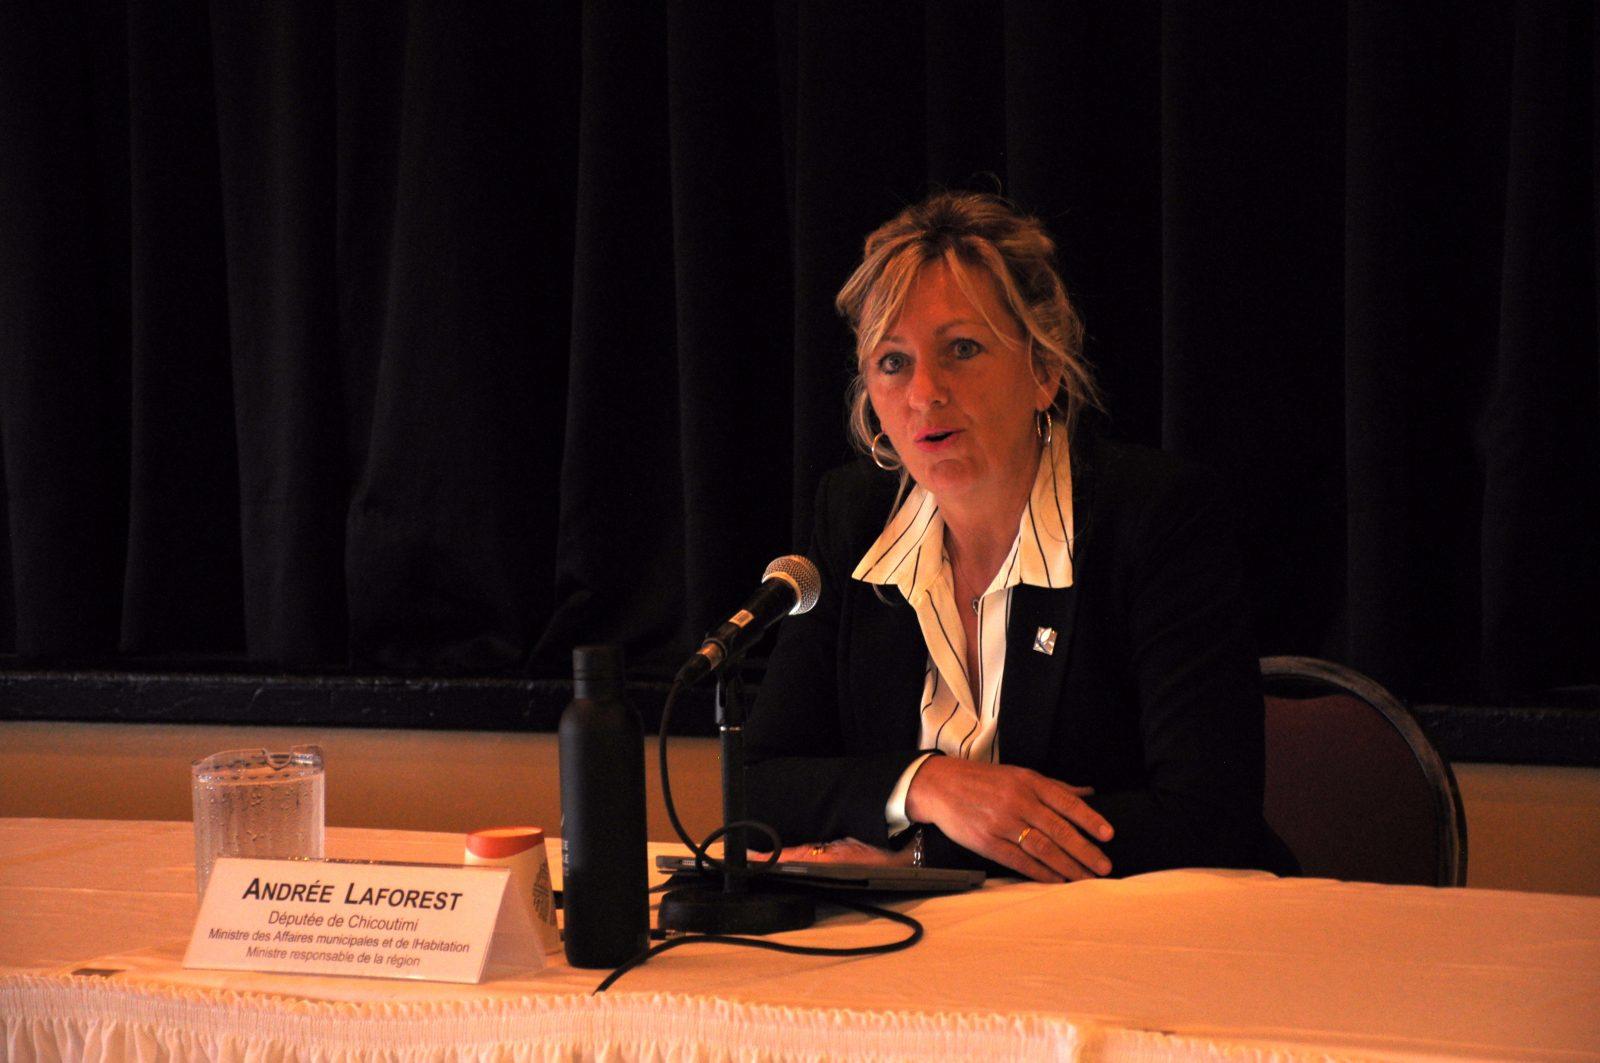 Ressources essentielles : Andrée Laforest met en place un portail web